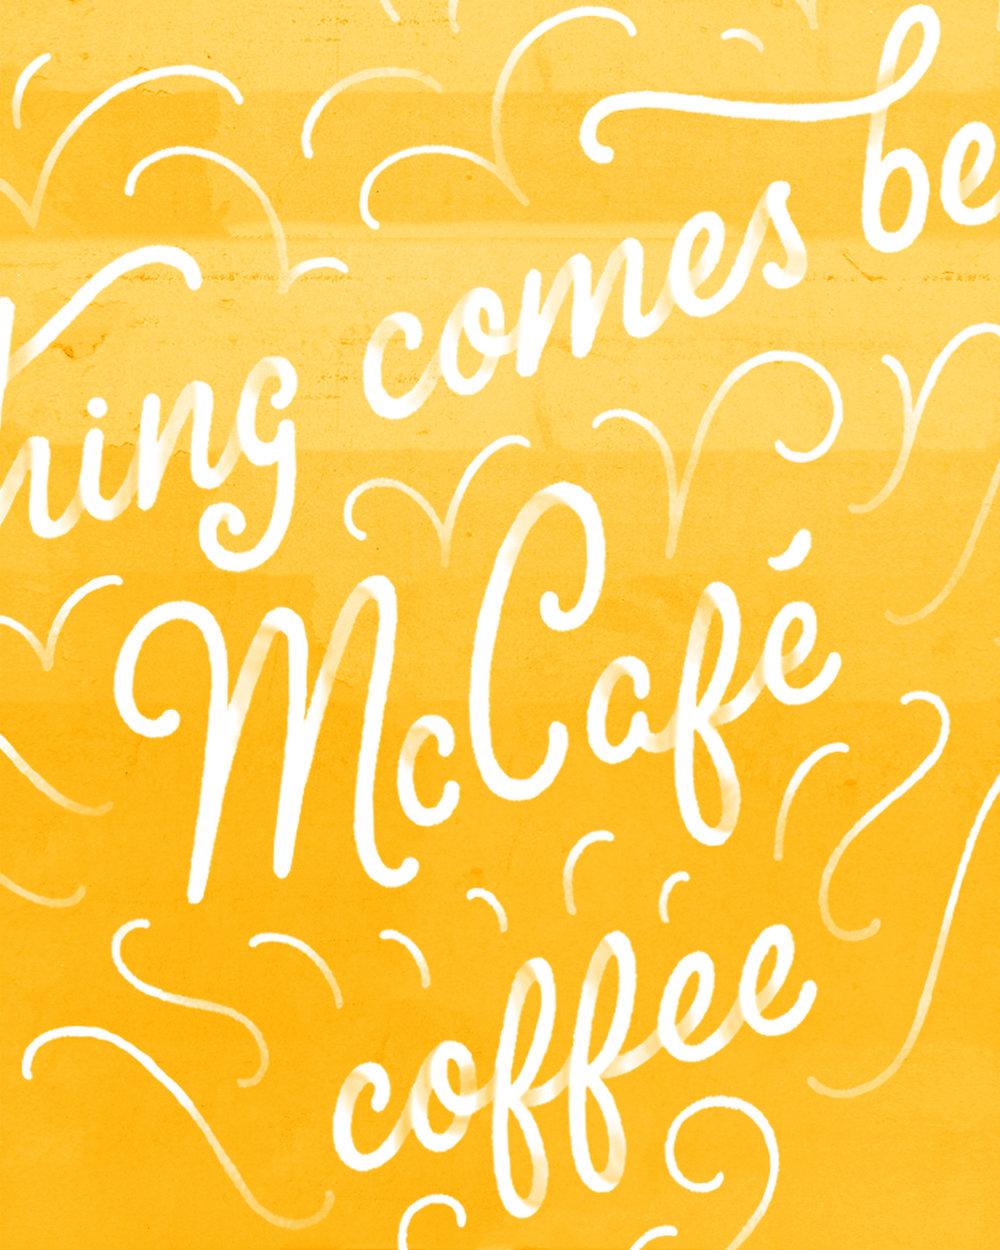 Mcdonalds Detail.jpg